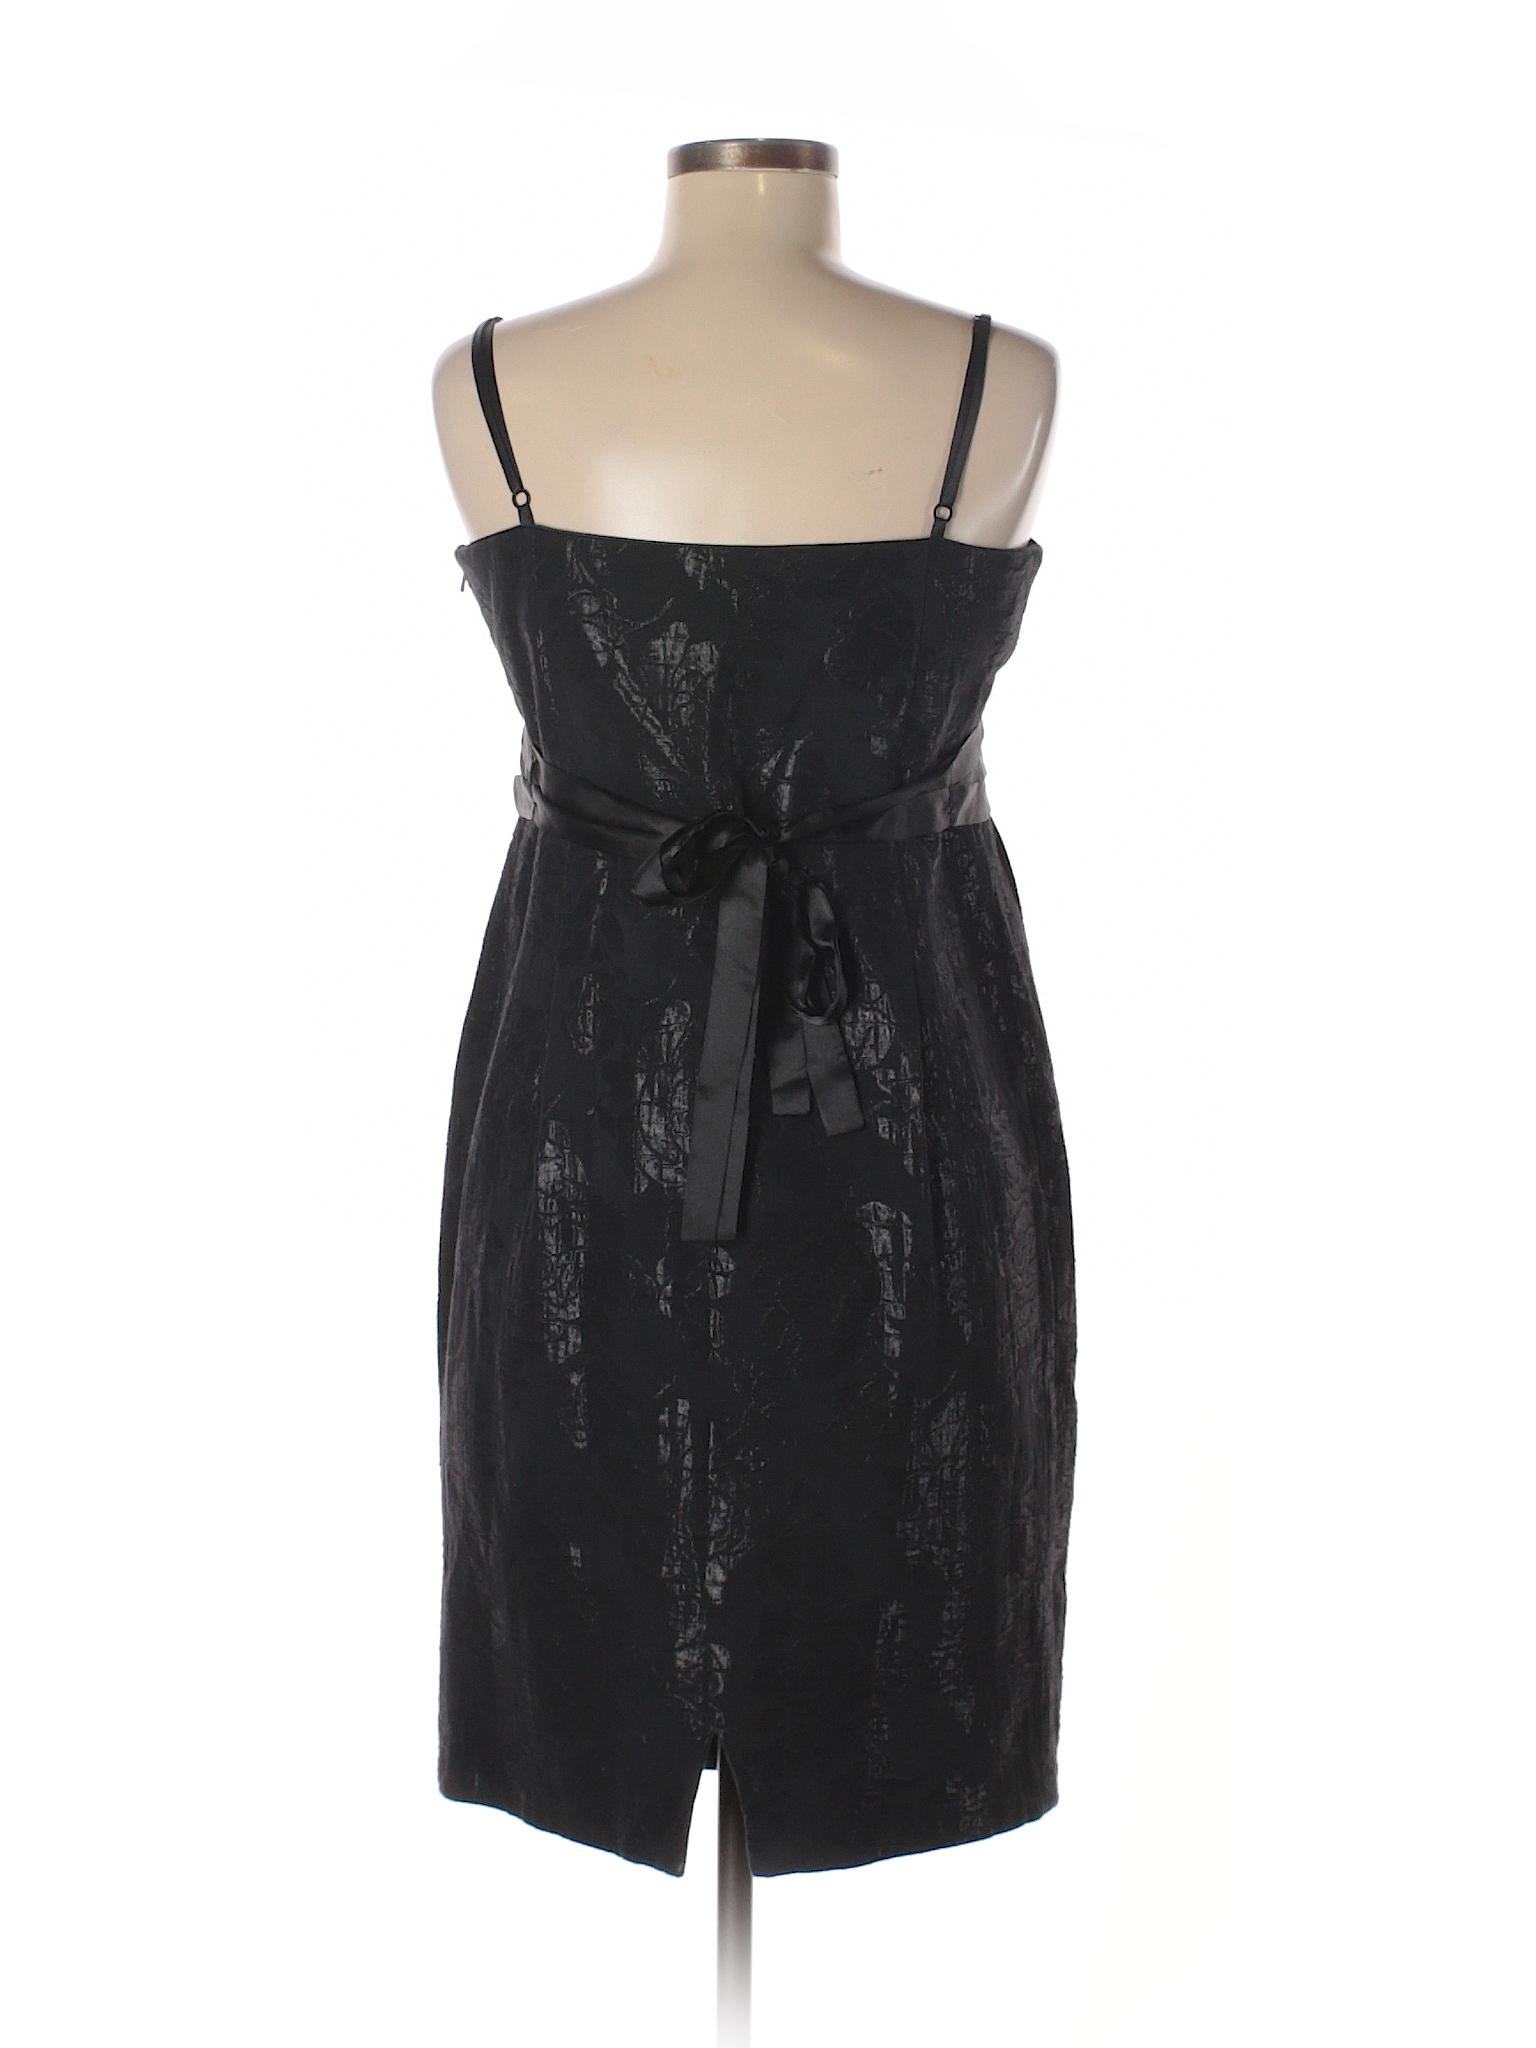 Boutique winter Casual winter winter BCBGirls Casual Dress BCBGirls Dress Boutique Boutique BCBGirls HSpx0wx